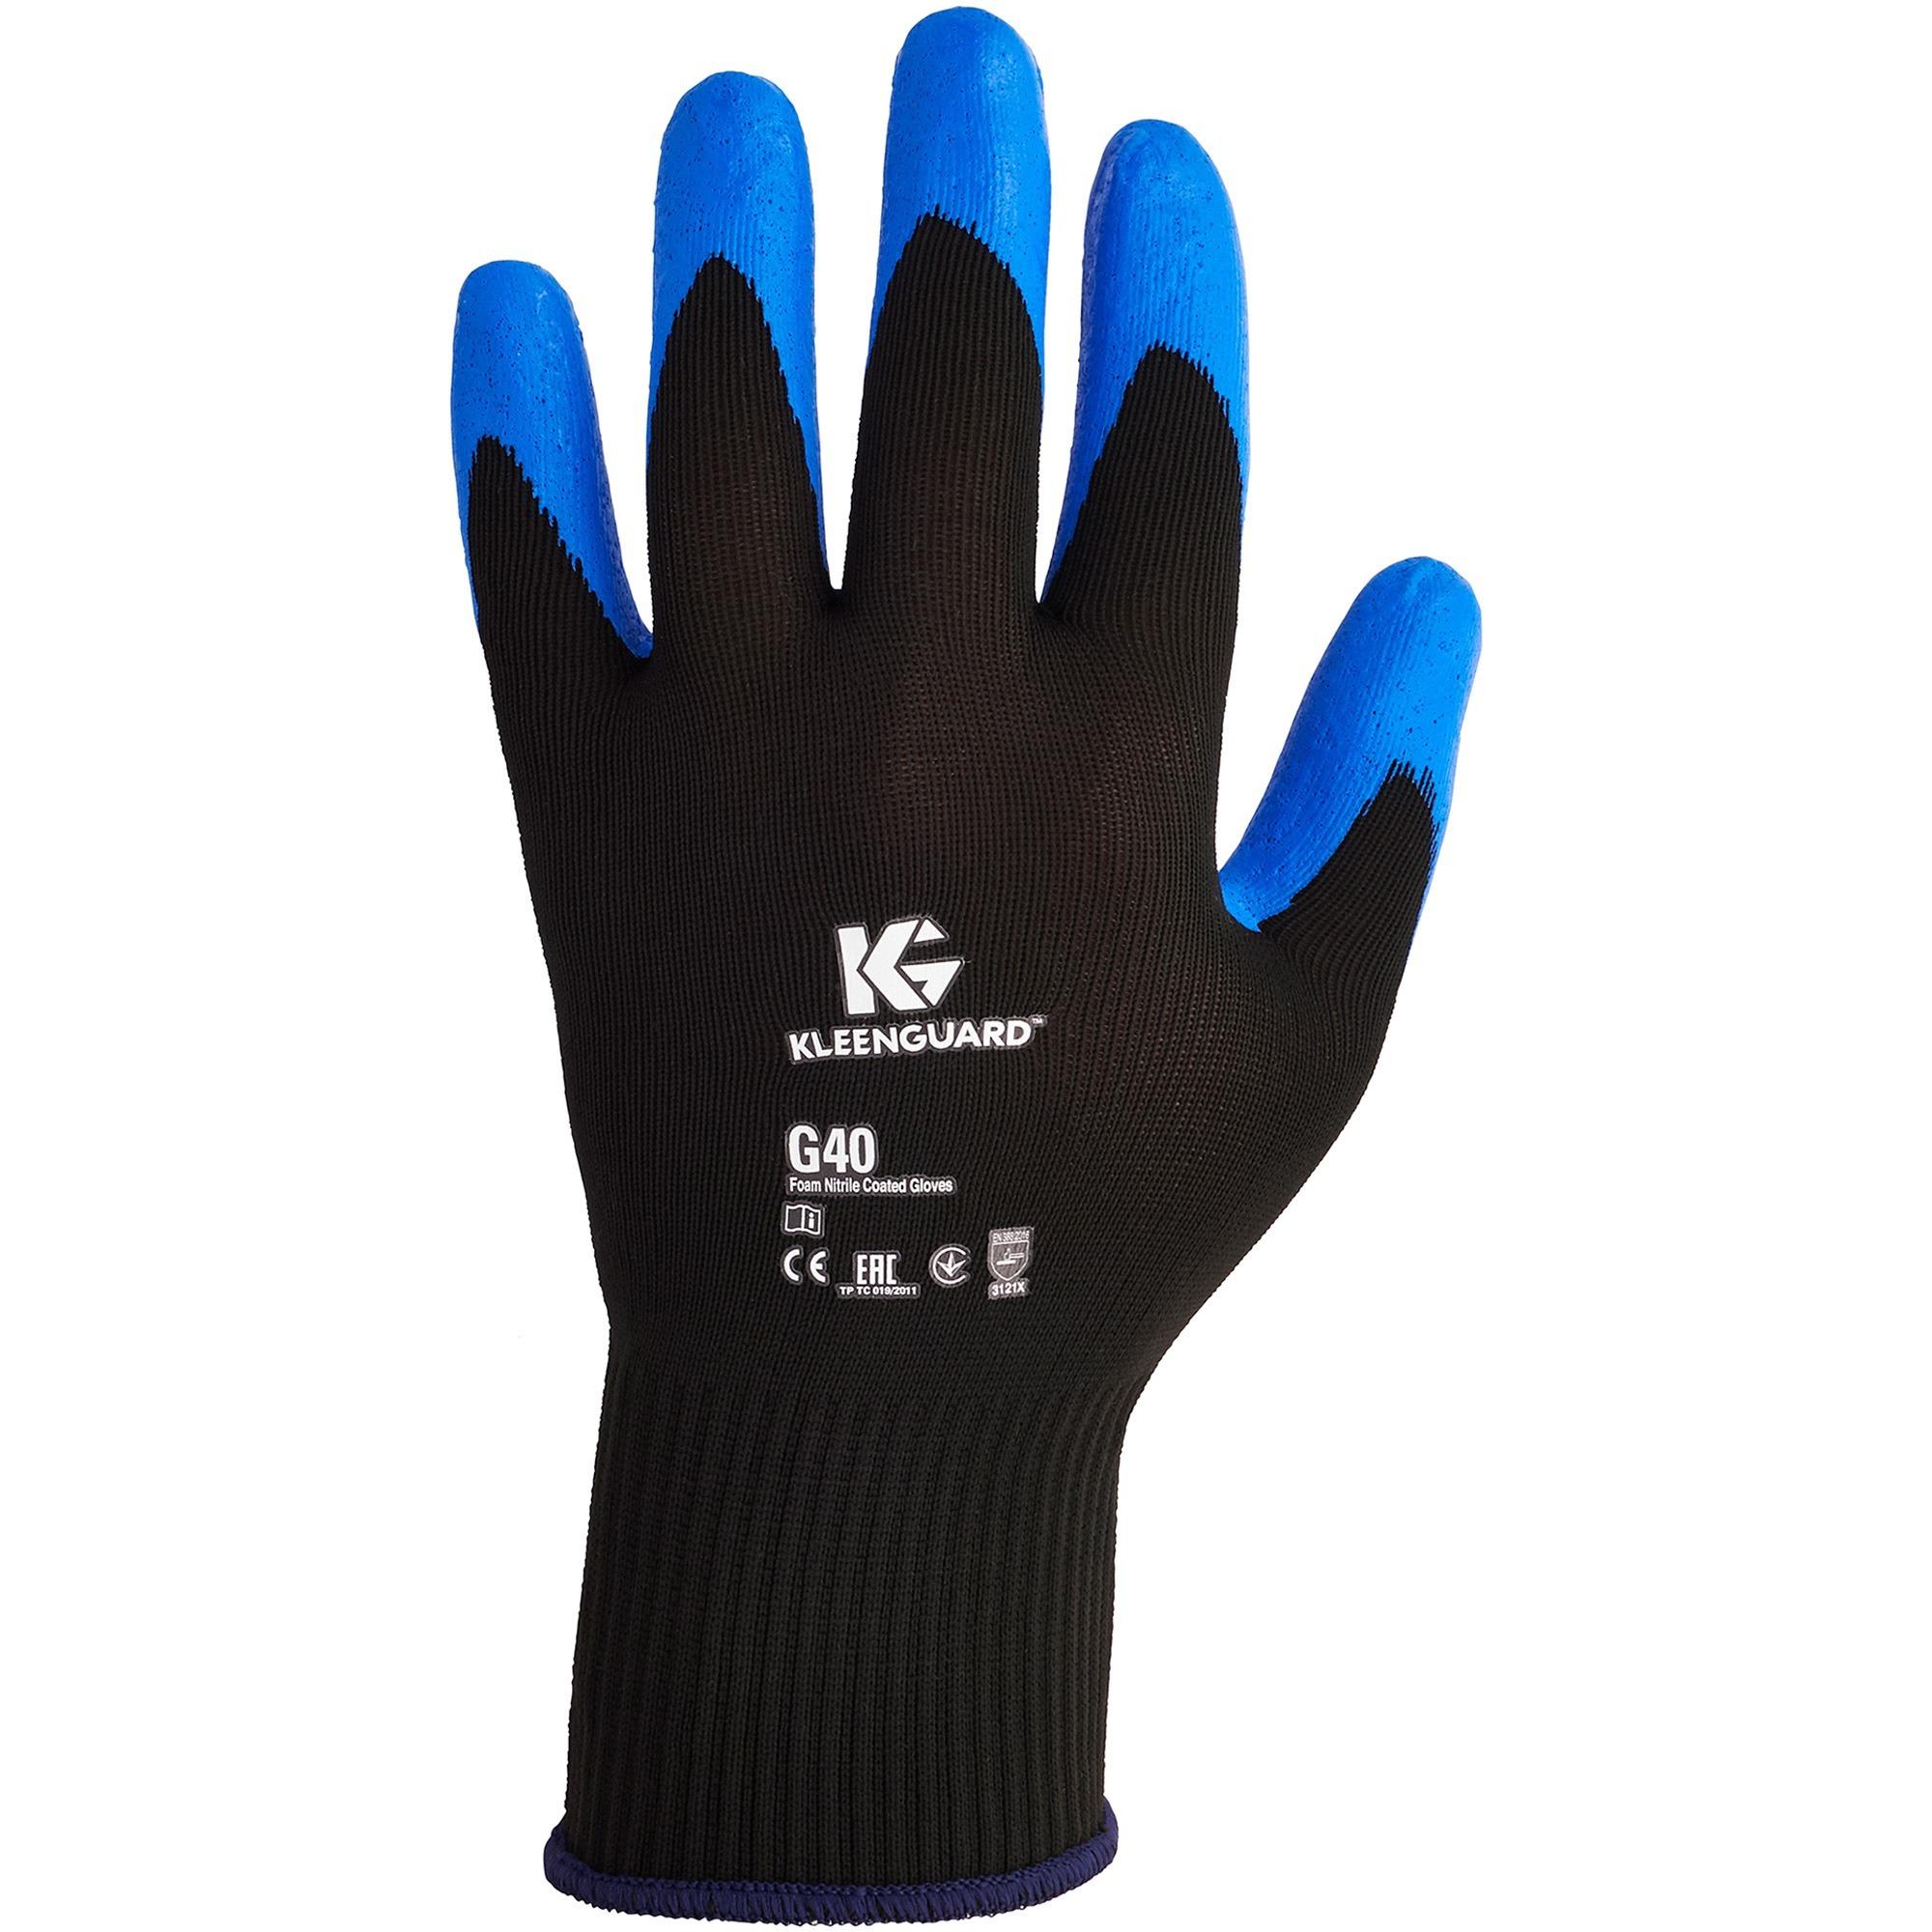 Jackson Safety G40 Nitrile Coated Gloves